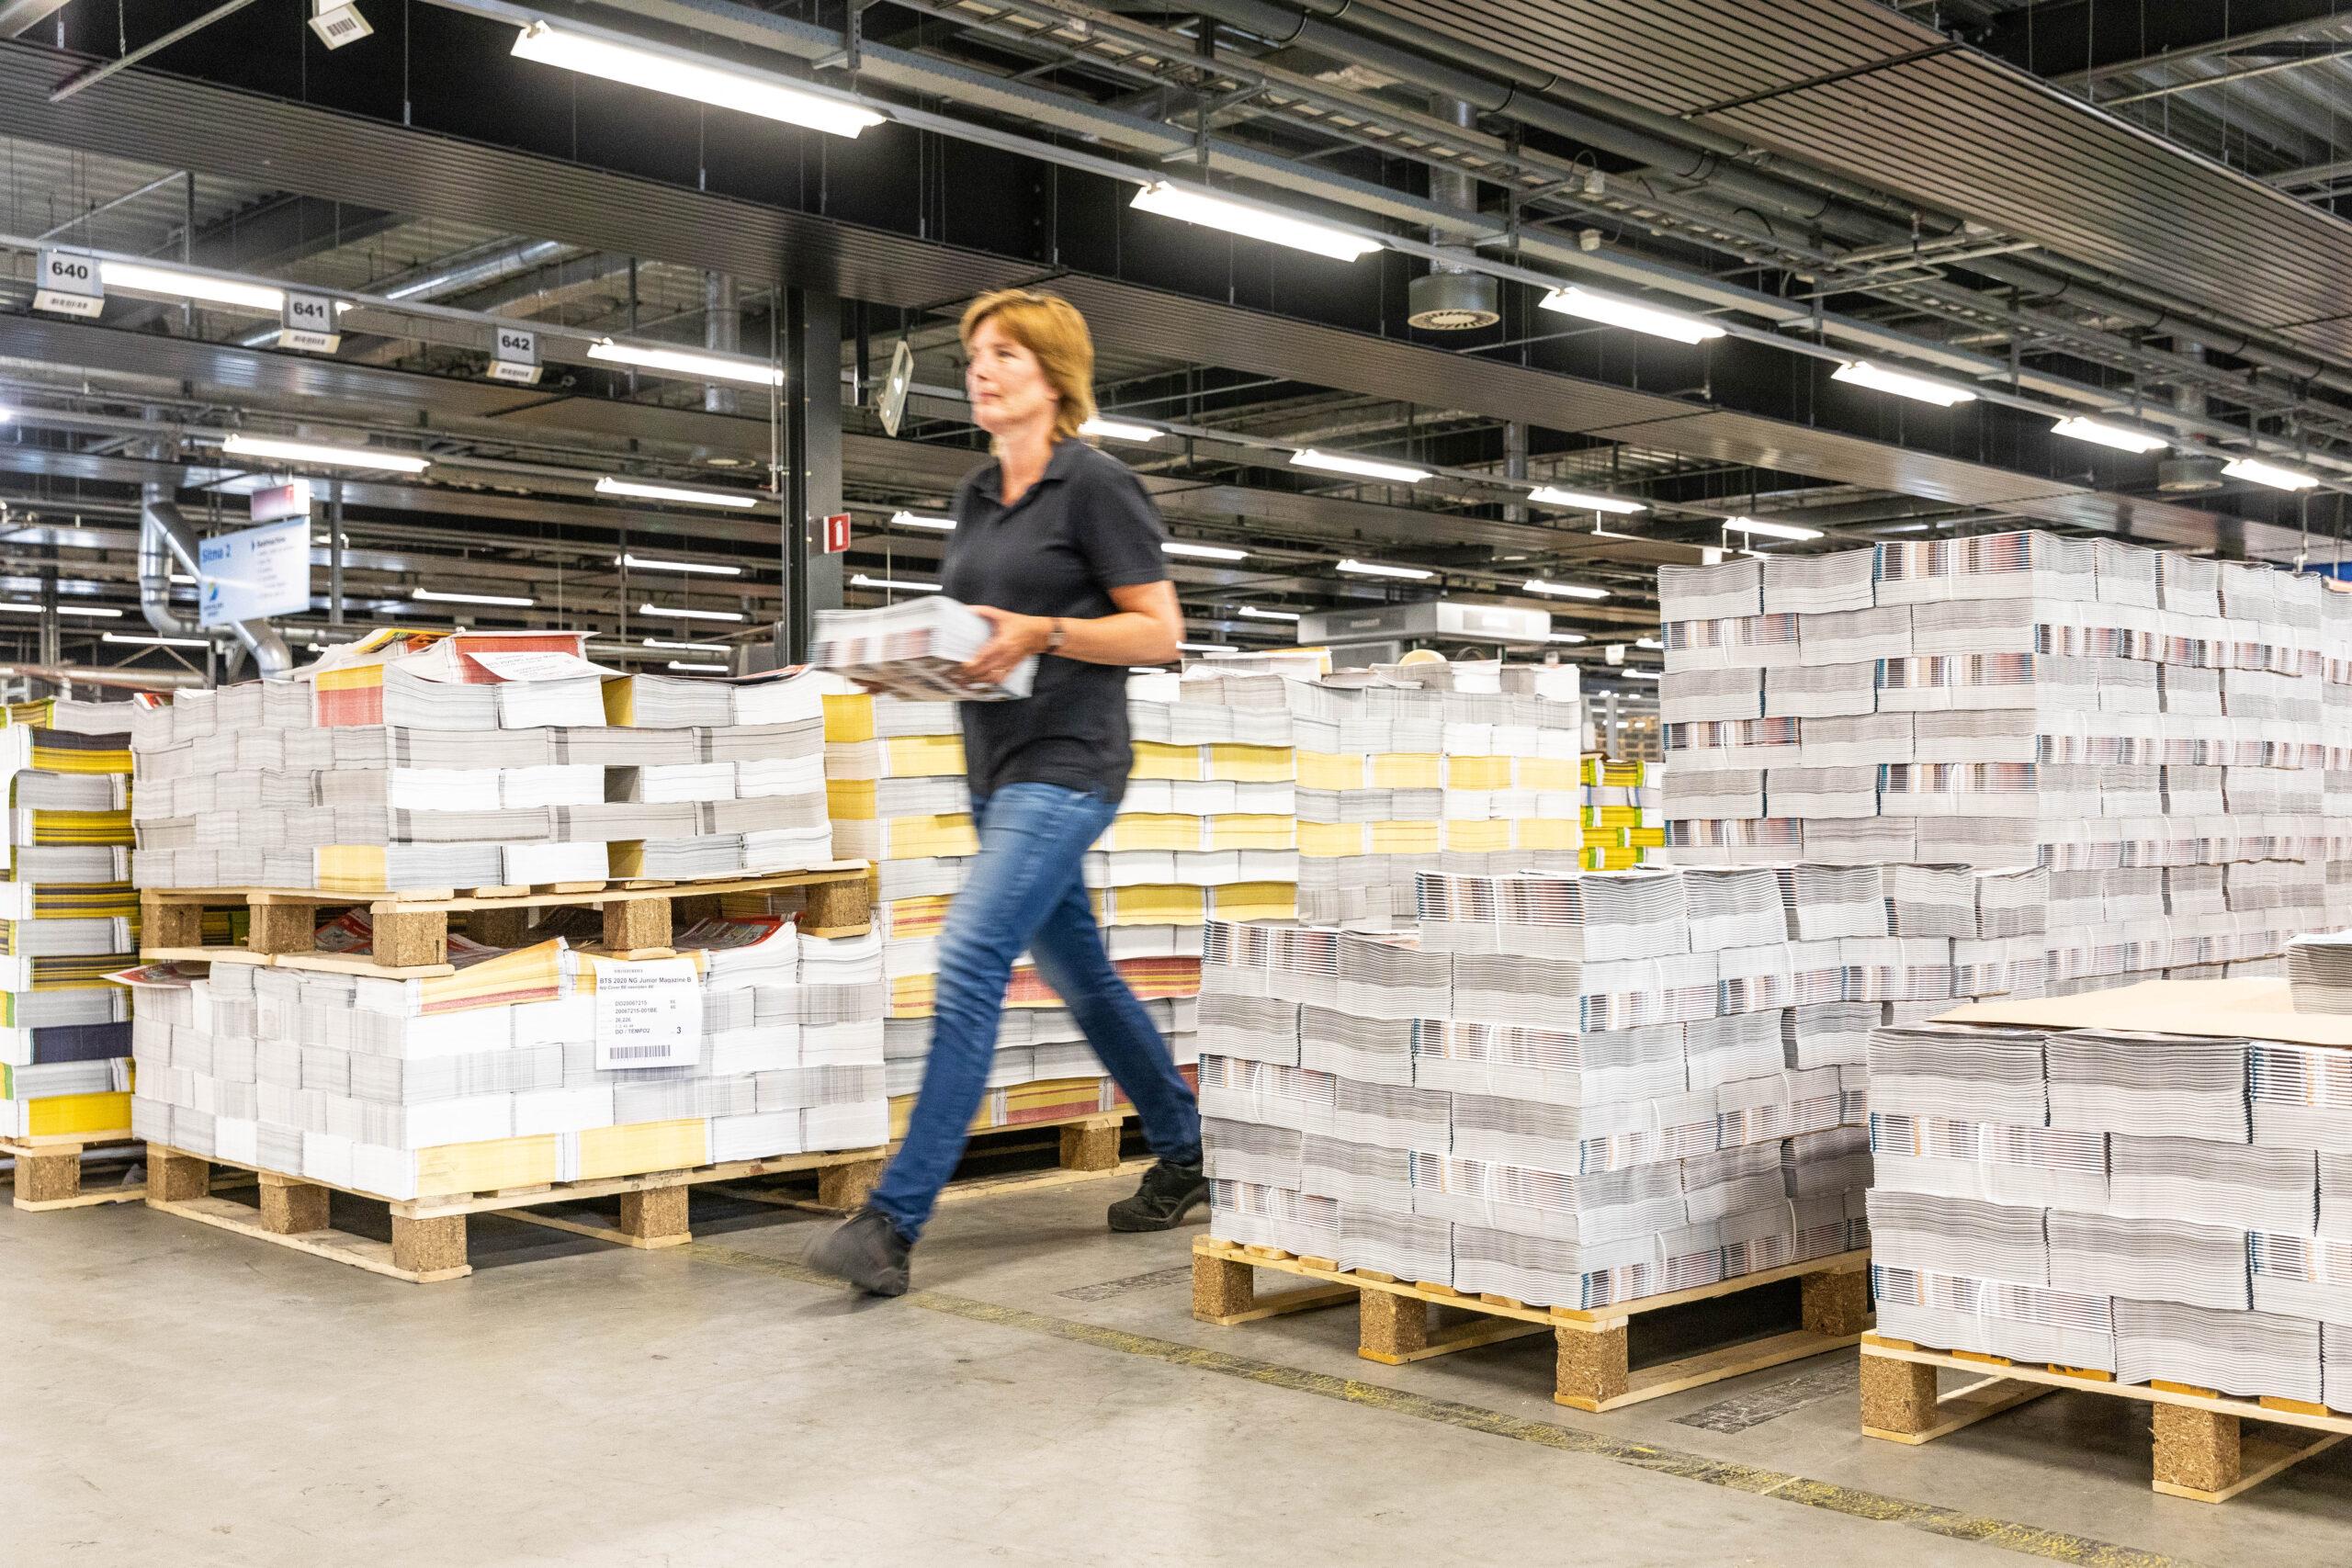 Lieferung von Beilagen / Plus-Produkten